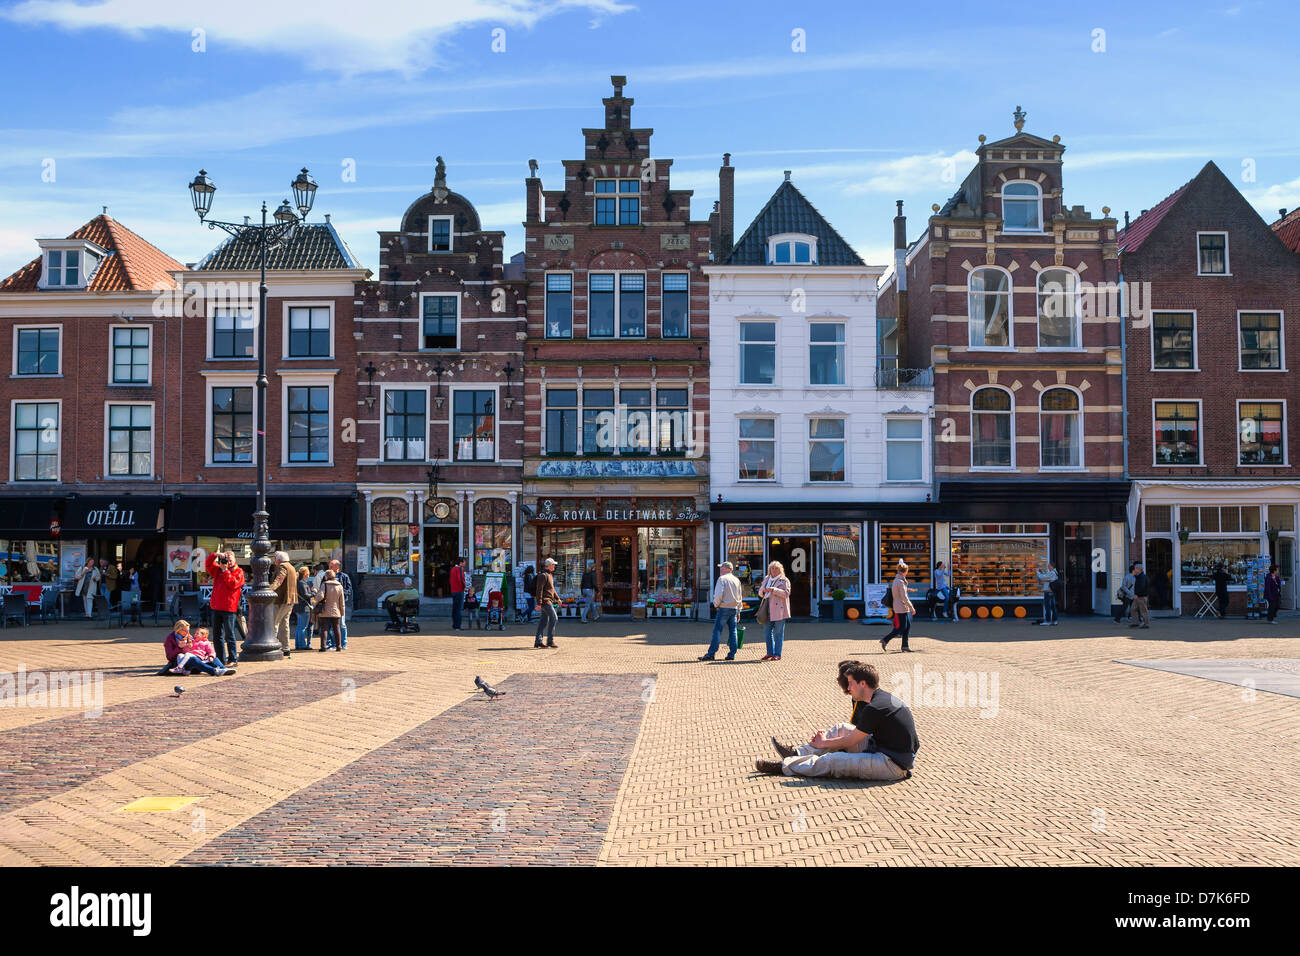 Markt, Delft, South Holland, Netherlands - Stock Image